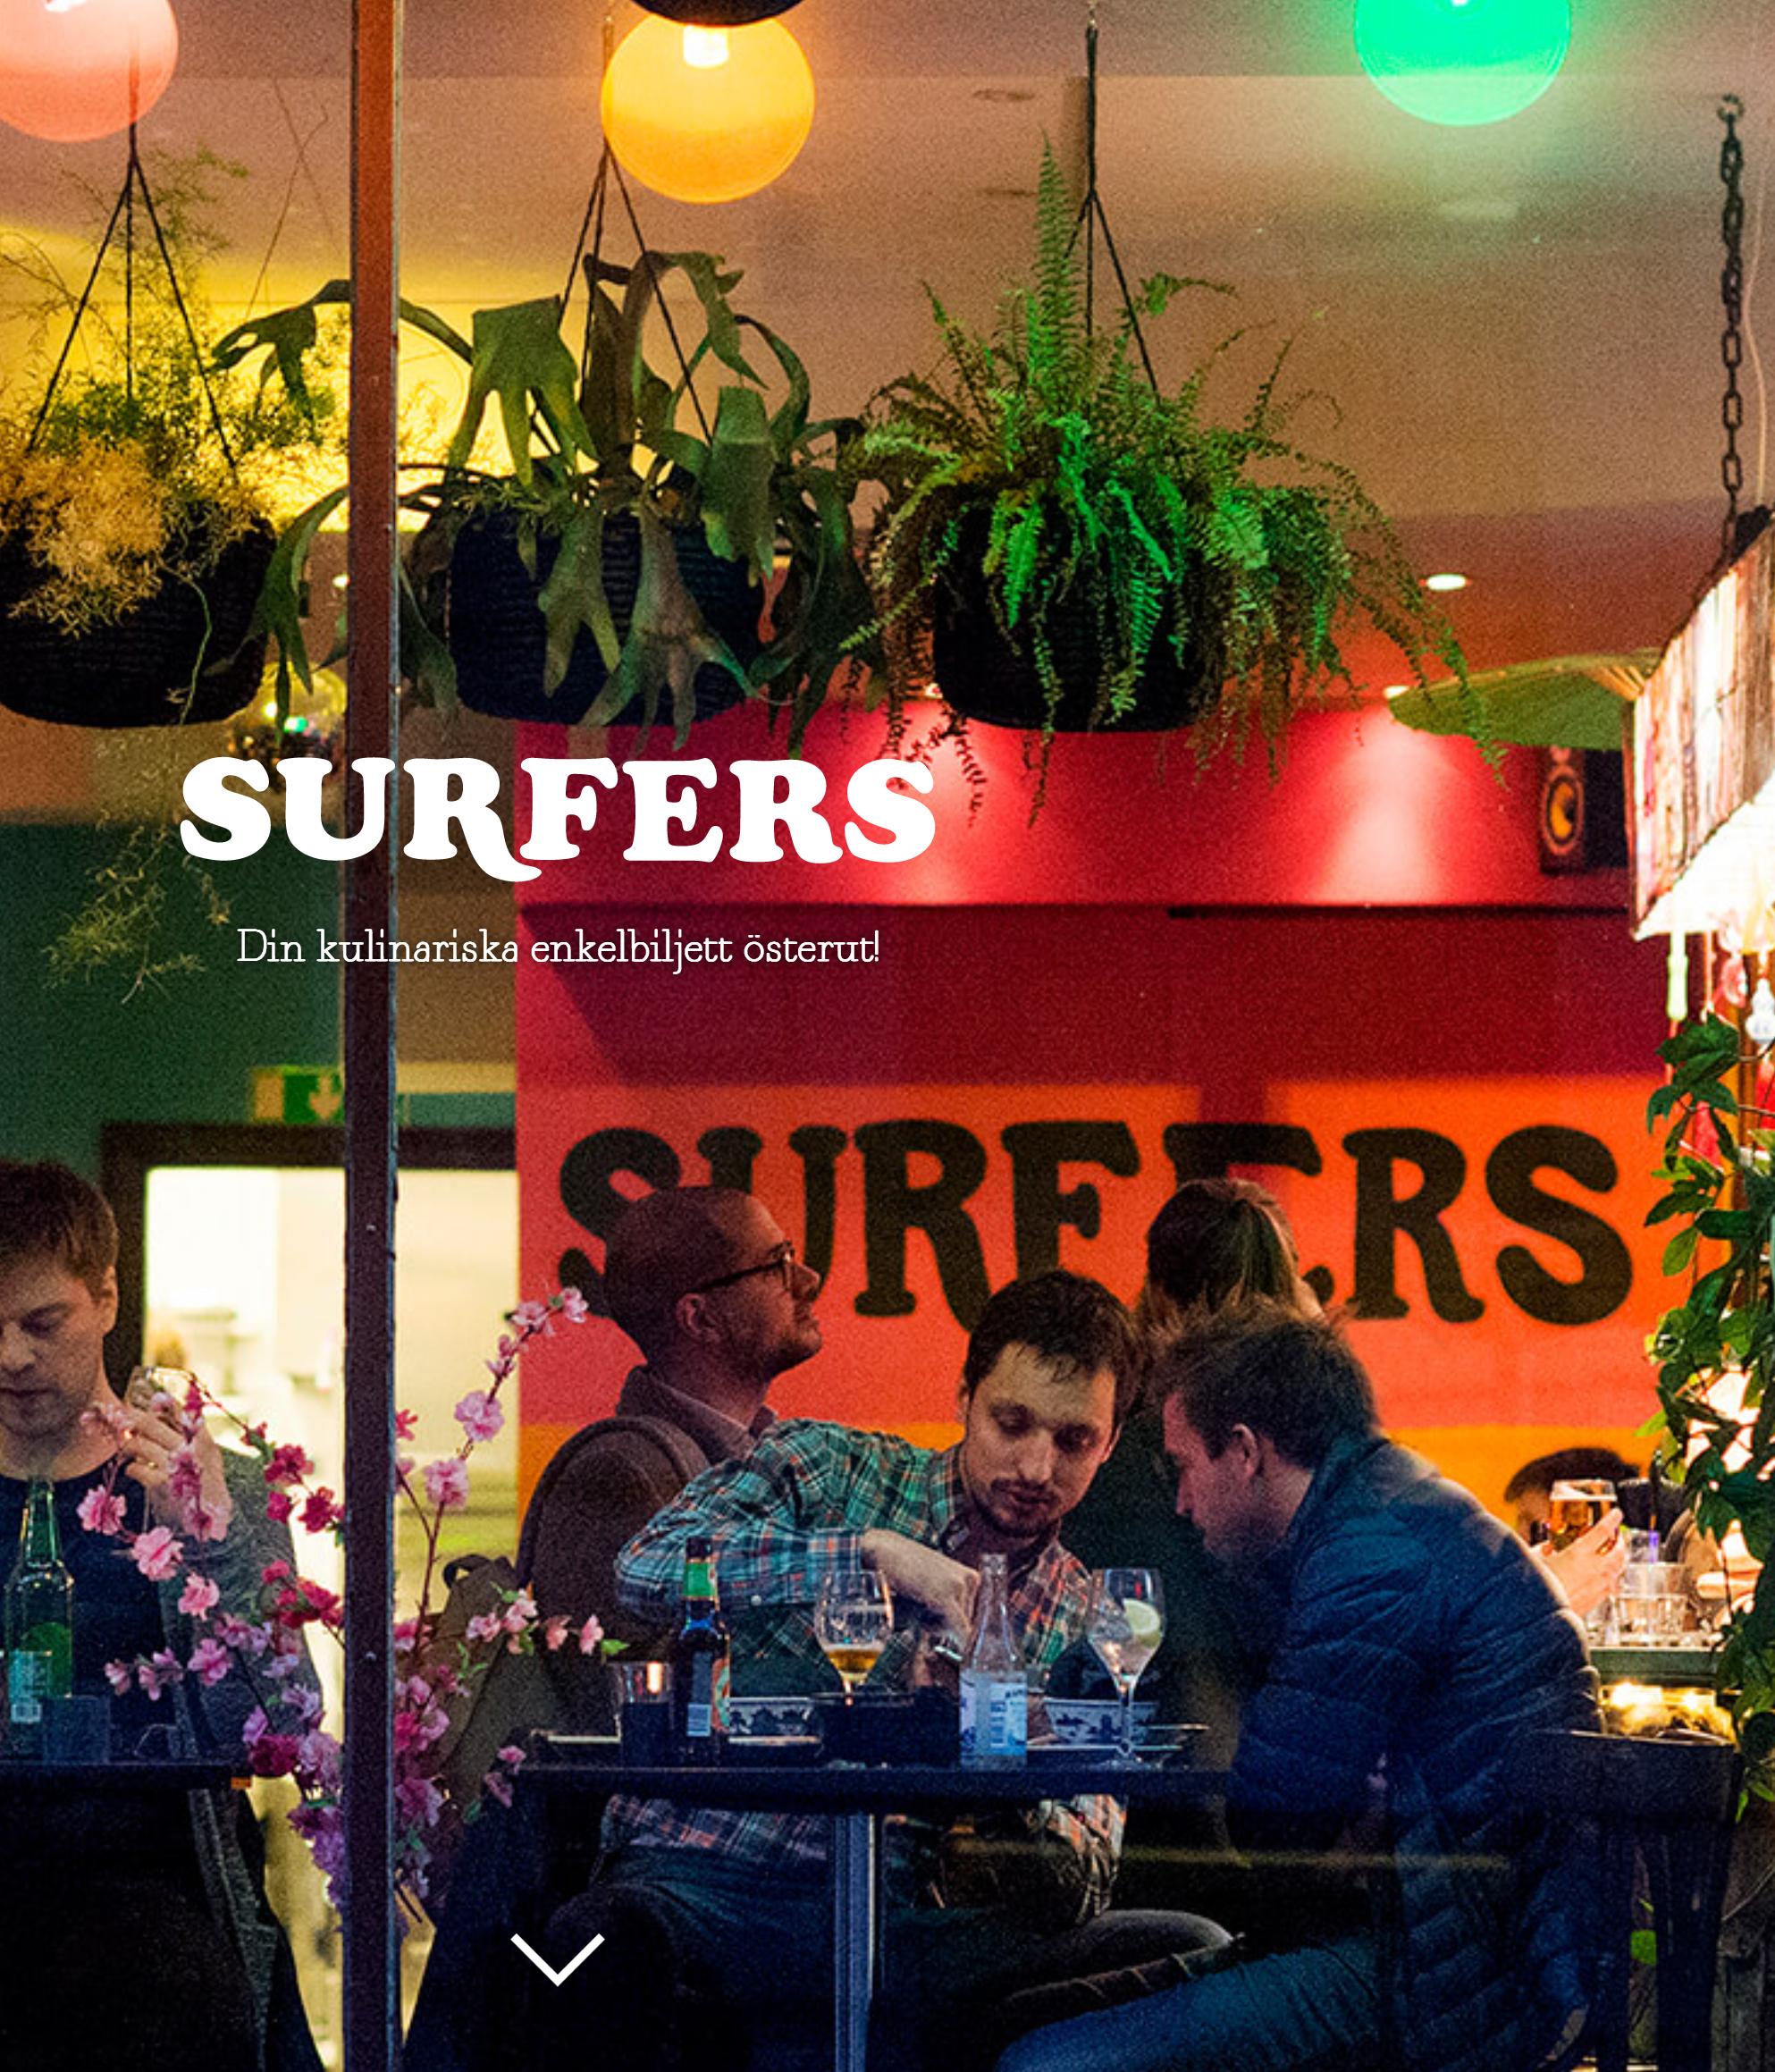 Surfers i stockholm